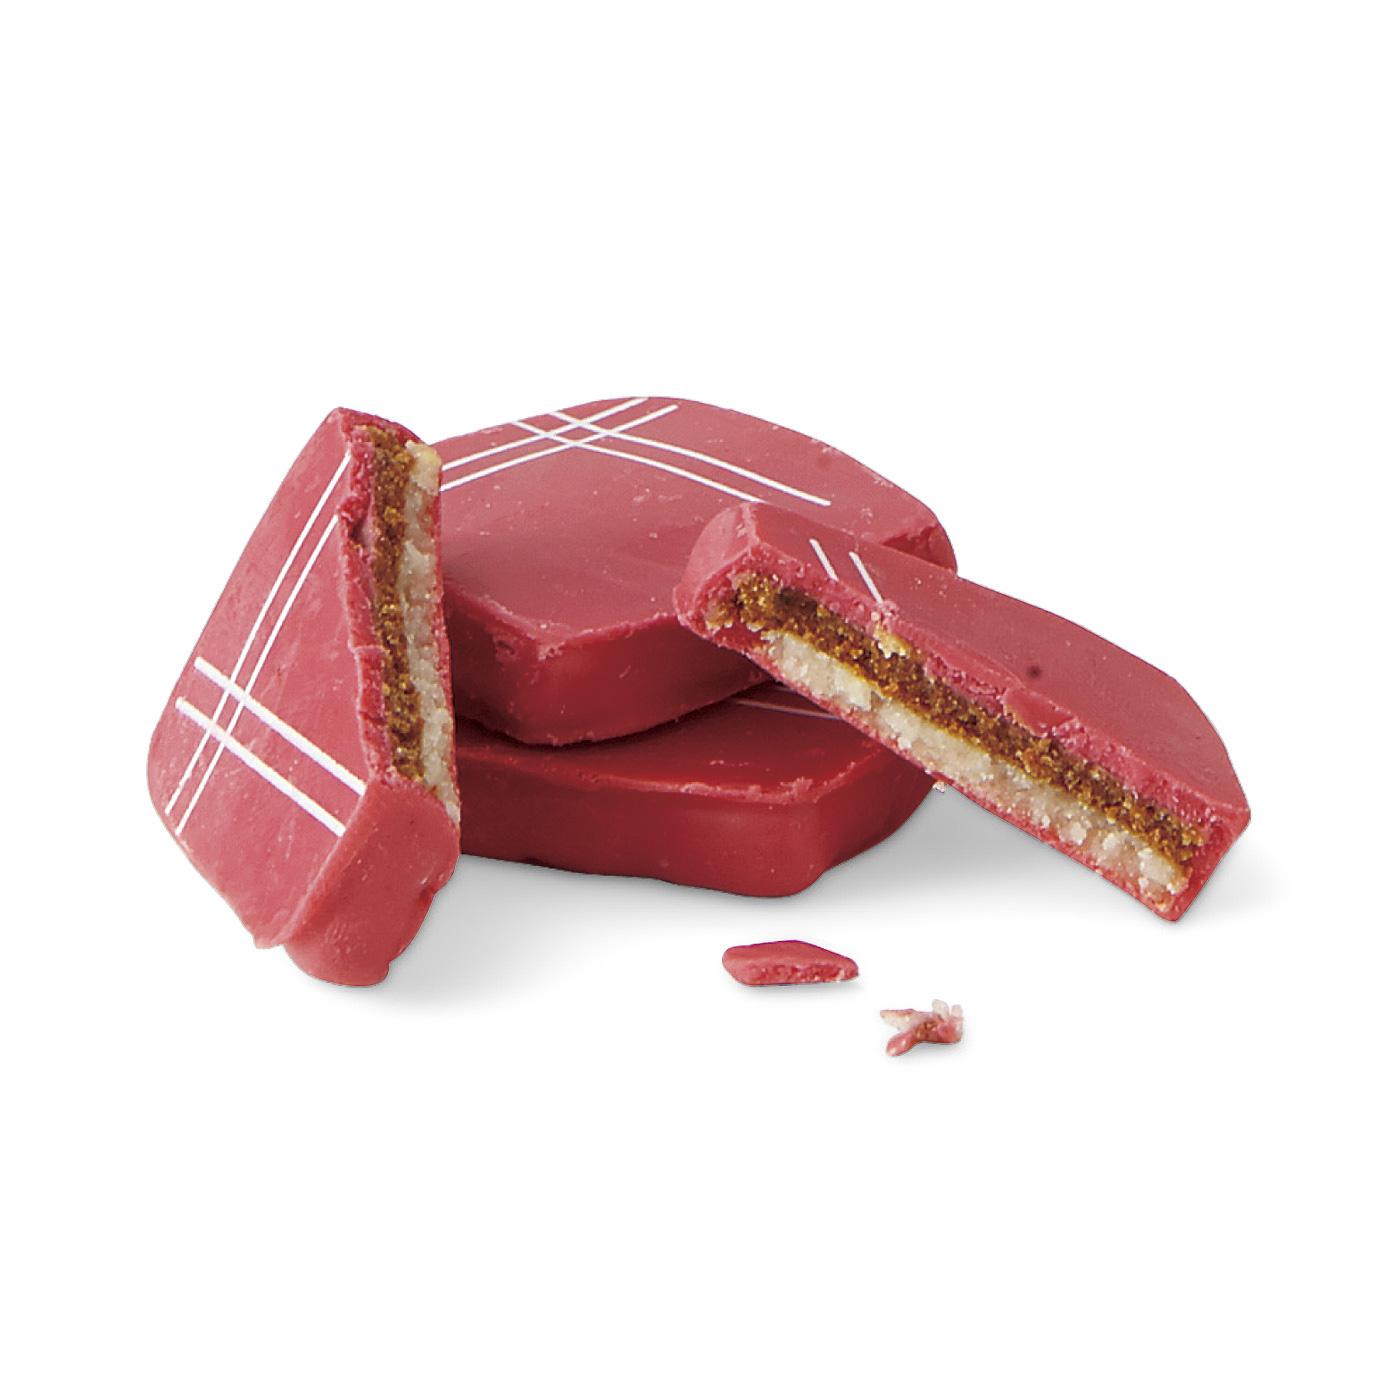 地元の特産品である繊維を使って作られた赤いハンカチがモチーフの赤チョコ。オレンジ風味のアーモンドペーストとプラリネの上品な甘さとさわやかさが新鮮!